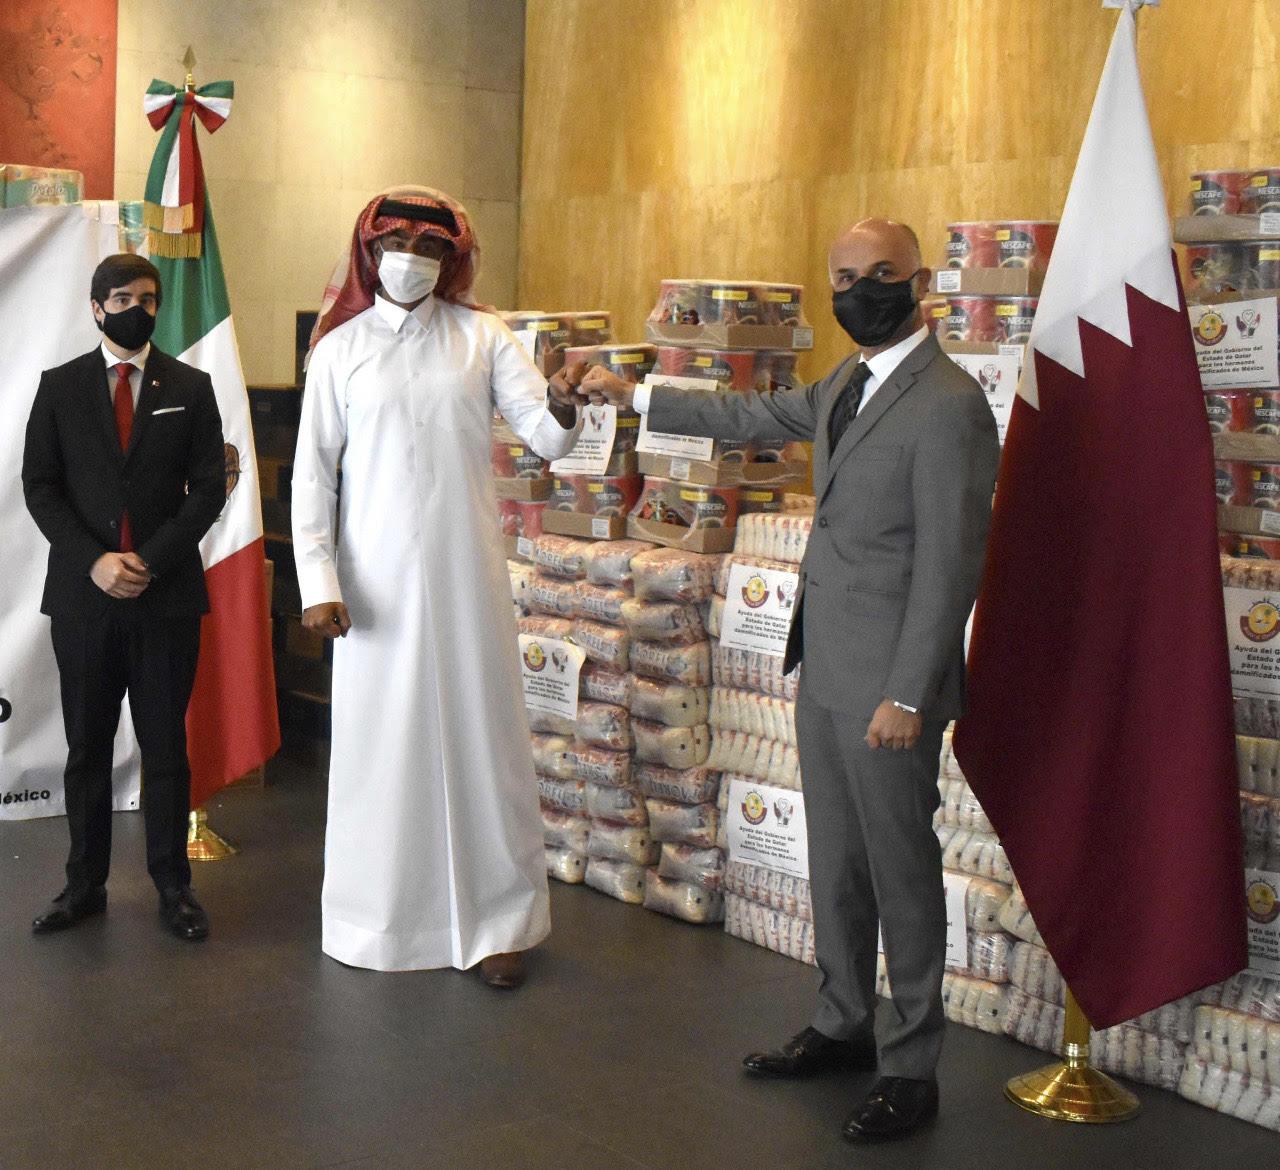 سفارة دولة قطر تسلم مساعدات إنسانية لمتضرري الفيضانات في المكسيك